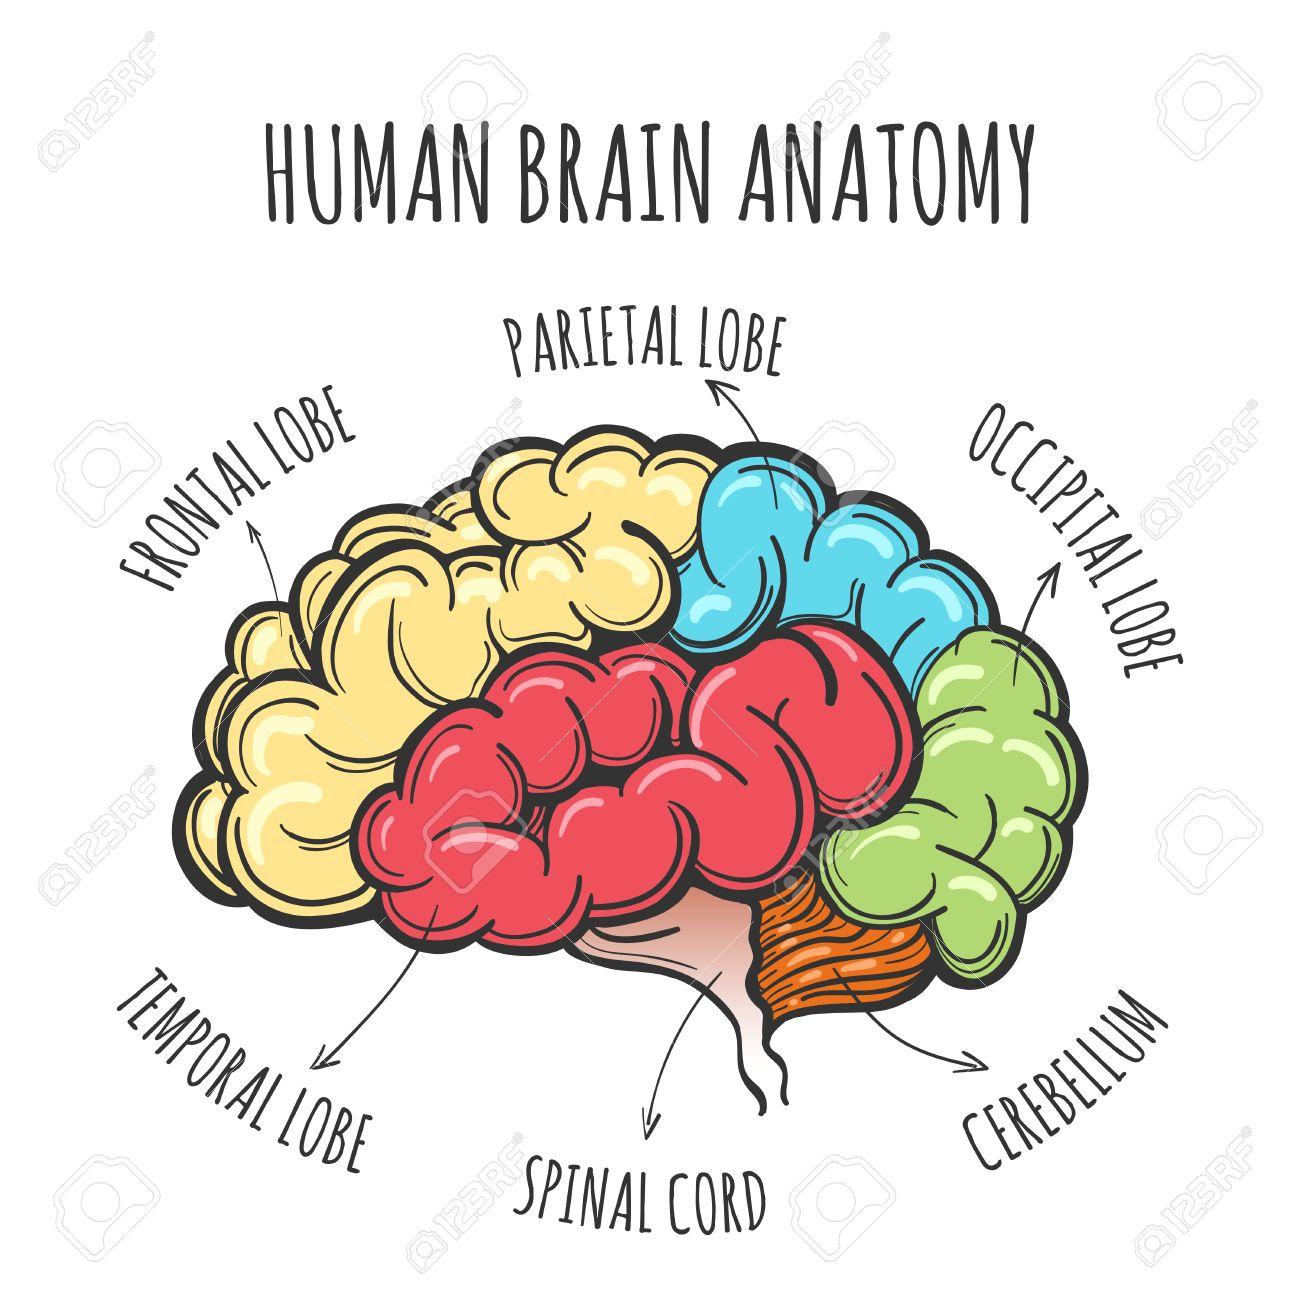 Principales Partes Del Cerebro Humano. Cerebro Humano En El Estilo ...